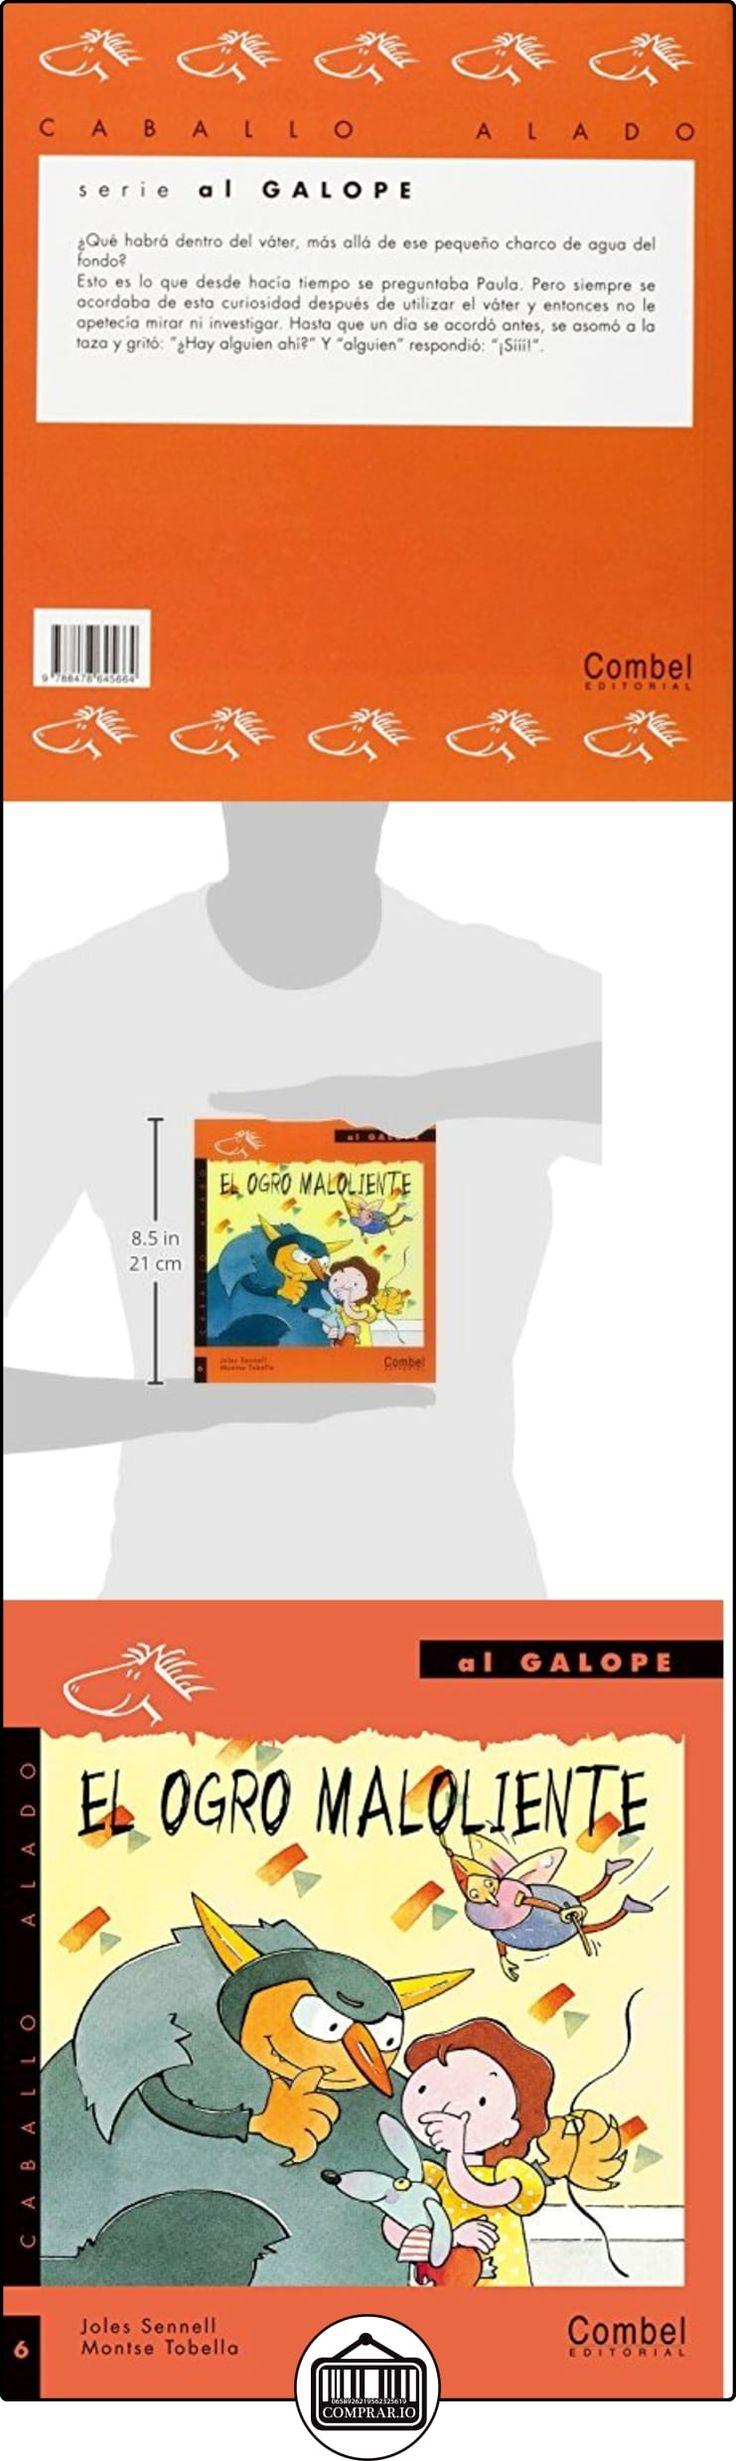 El ogro maloliente (Caballo alado) Joles Sennell  ✿ Libros infantiles y juveniles - (De 6 a 9 años) ✿ ▬► Ver oferta: http://comprar.io/goto/8478645667